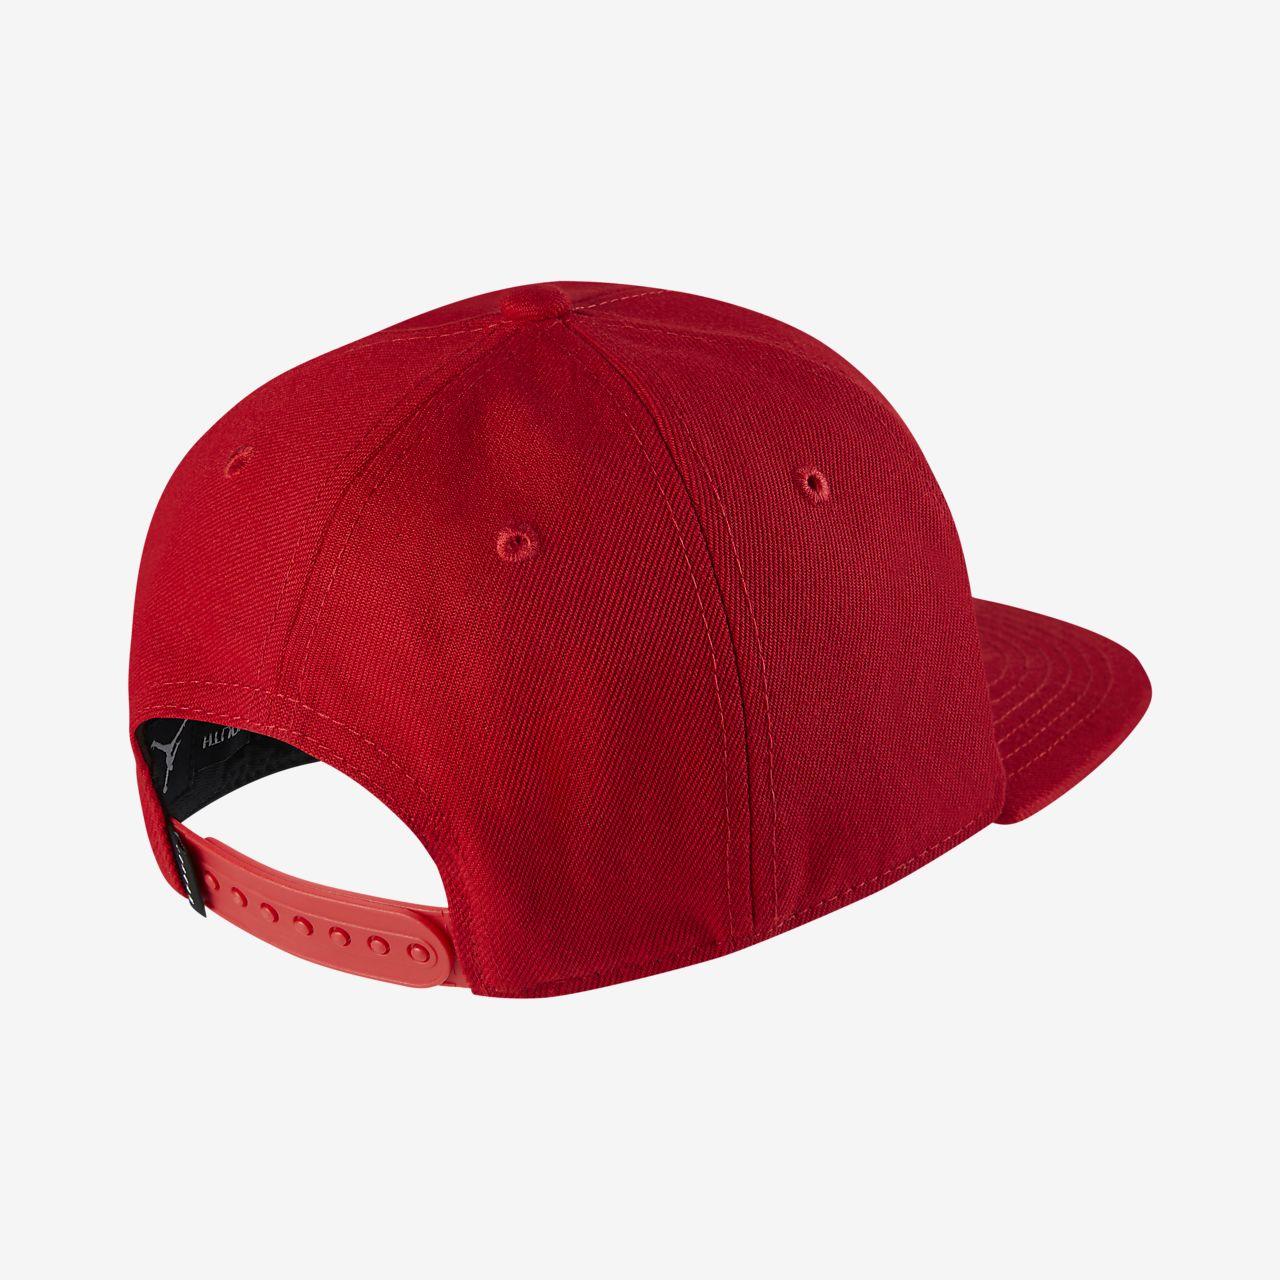 a43f4fa9423 Jordan Jumpman Kids' Adjustable Hat. Nike.com IE